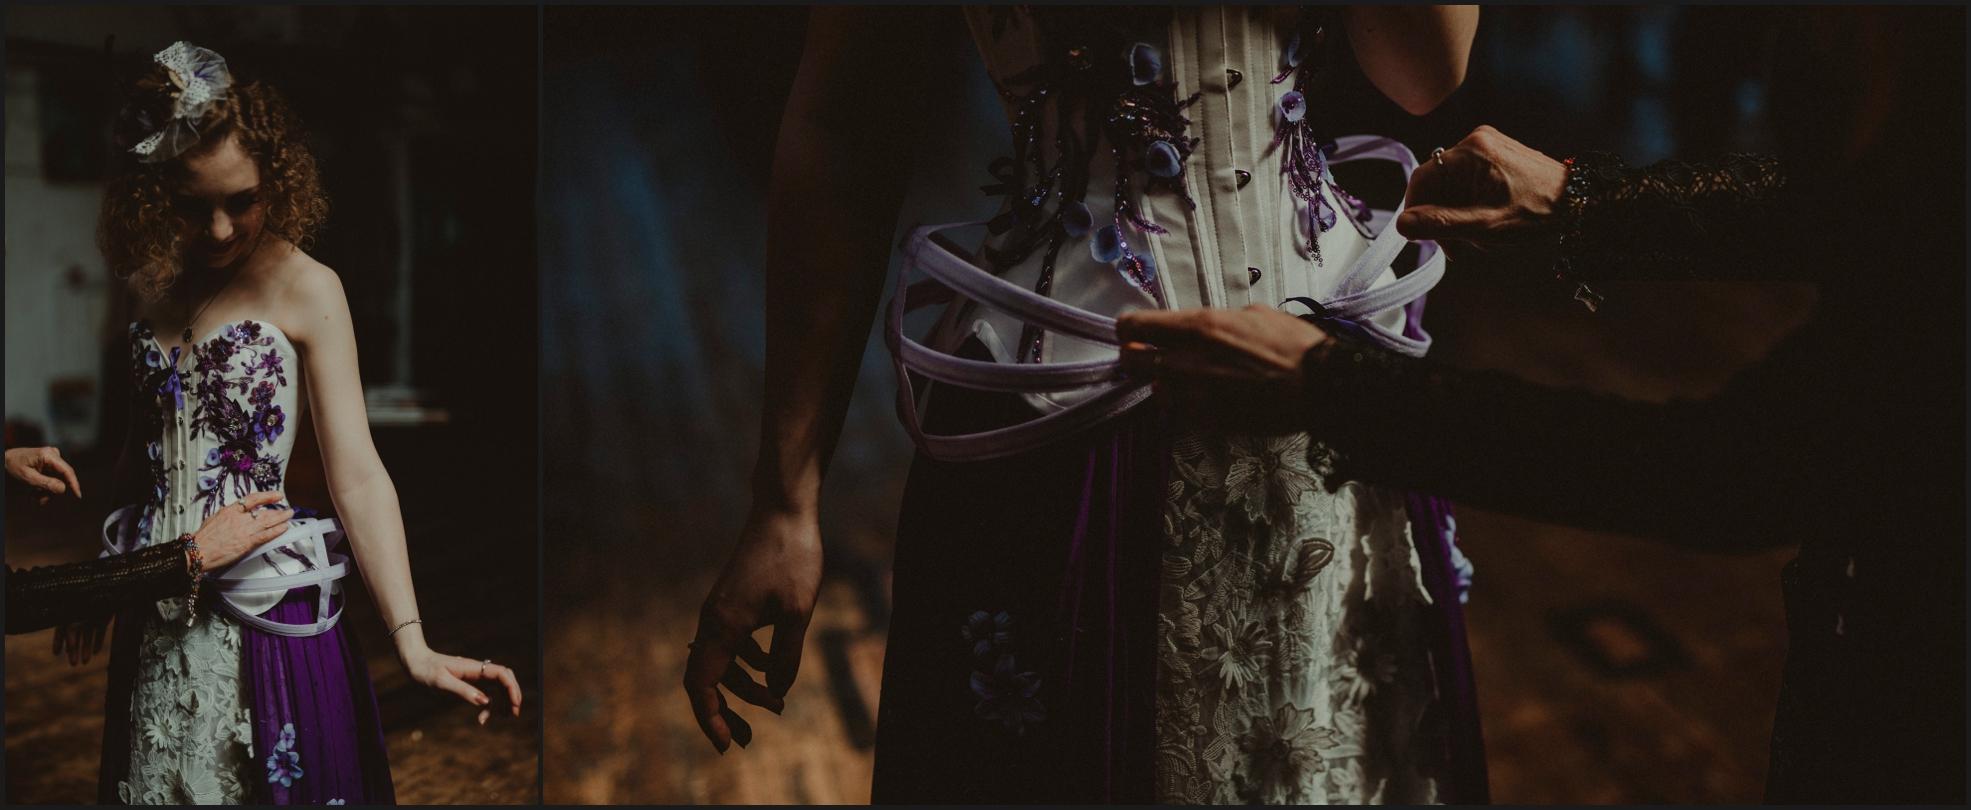 bride, preparation, dress, steampunk, details, hands